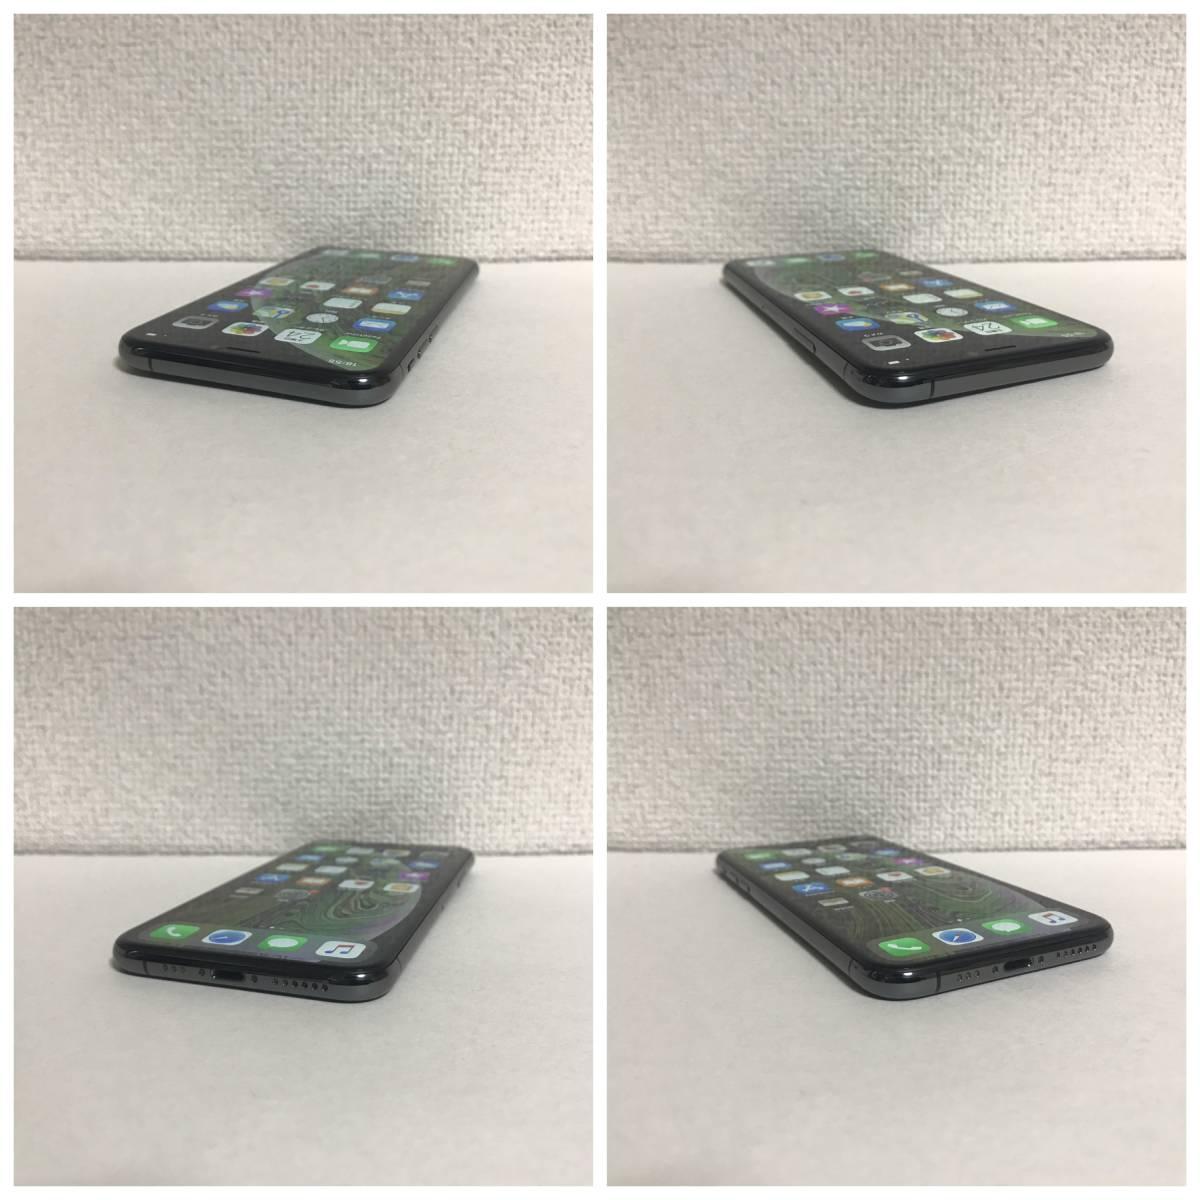 【電池良好】 SIMフリー iPhoneXS 256GB SpaceGray iPhone XS_画像4